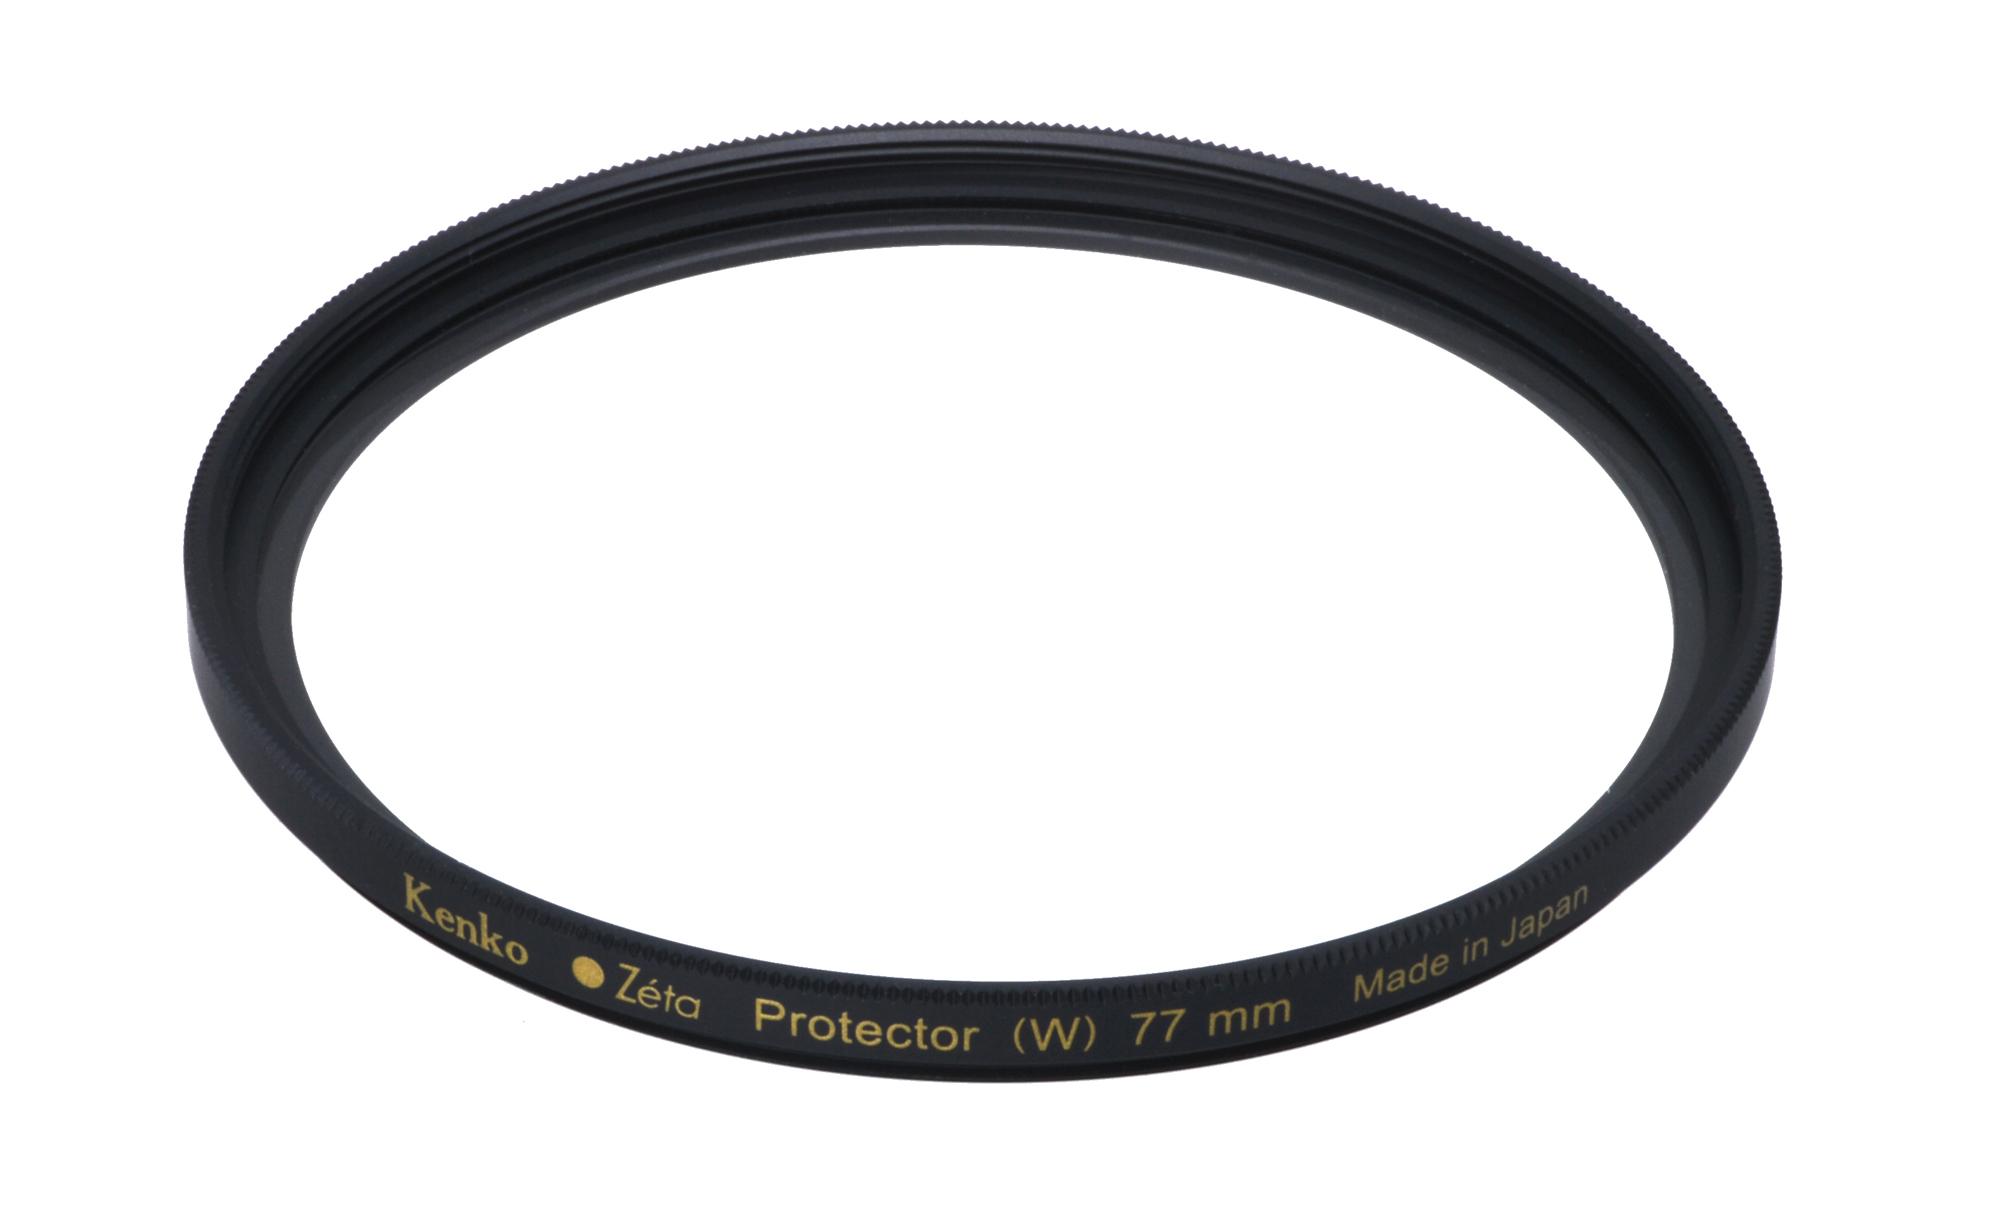 ケンコートキナー PRO1D plus プロテクター(W) 保護フィルター 各サイズ